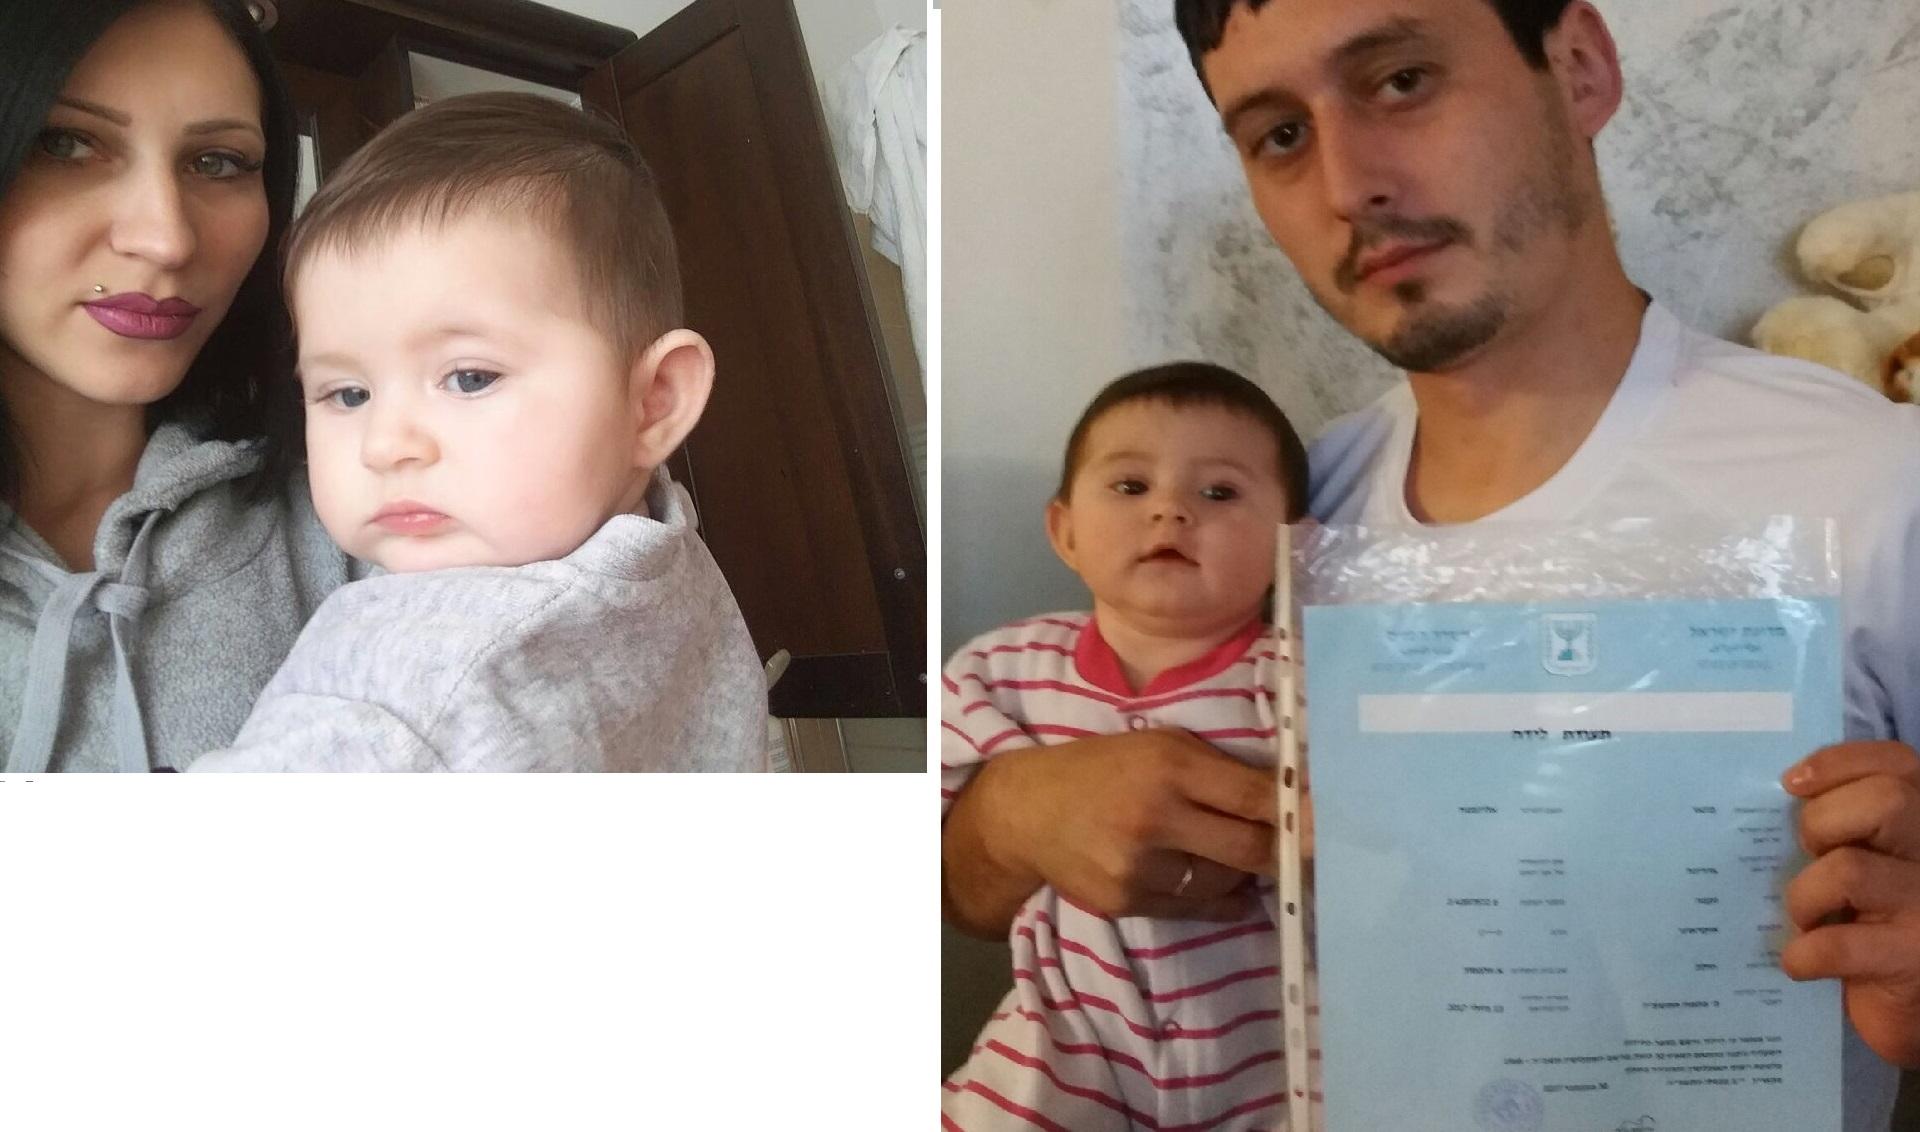 Лиза Бугай с матерью Ириной до получения документа и с отцом Сергеем - после. Фото предоставлено семьей